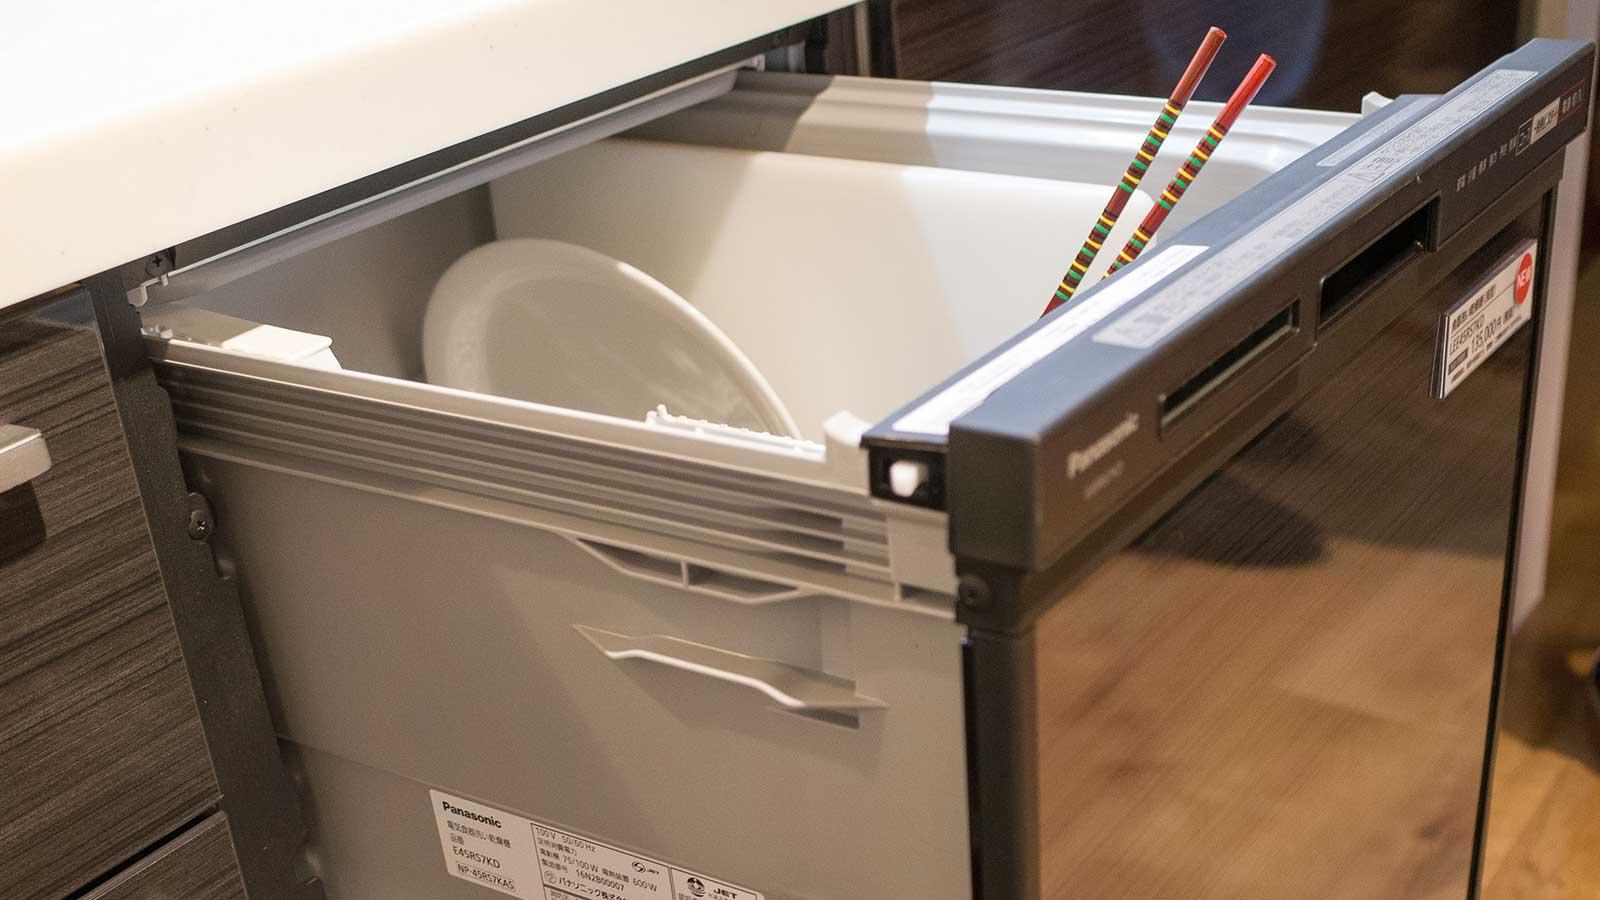 食器洗い乾燥機からさいばしが出ている